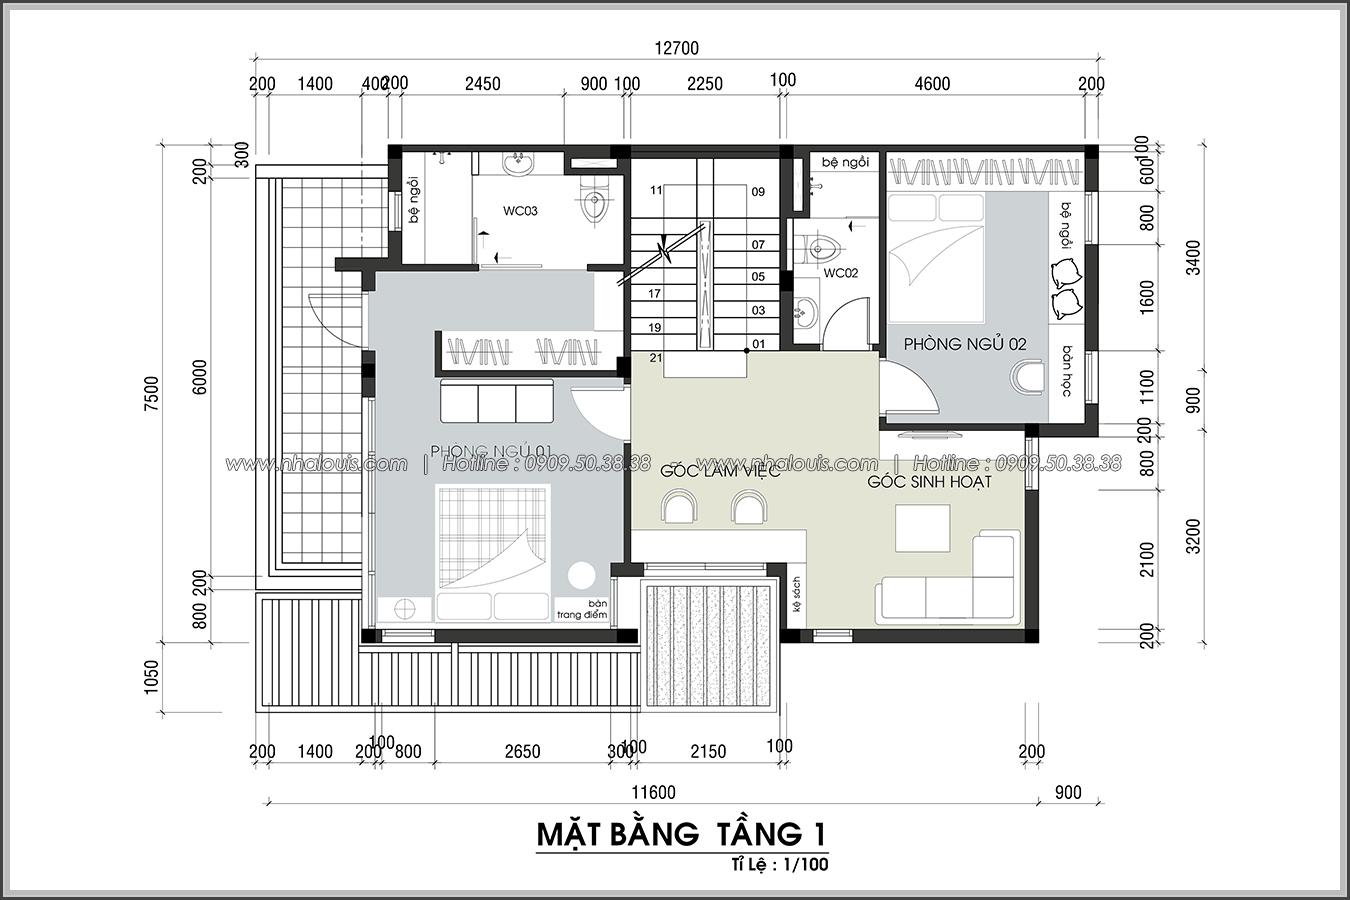 Thiết kế biệt thự 3 tầng đẹp đẳng cấp ngay tại dự án Lucasta Villa Quận 9 - 18